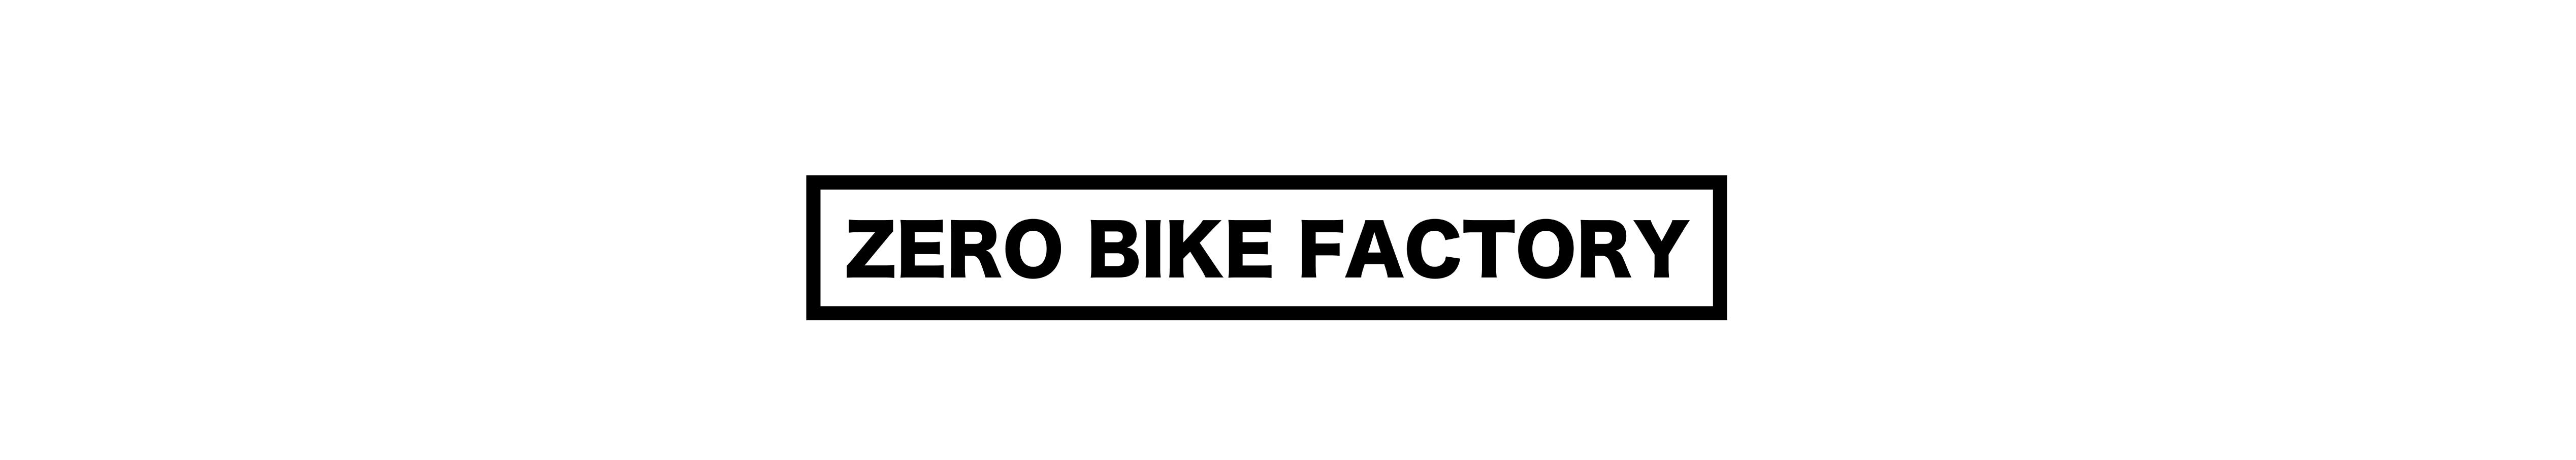 キッズバイクのカスタム通販専門店 ZERO BIKE FACTORY